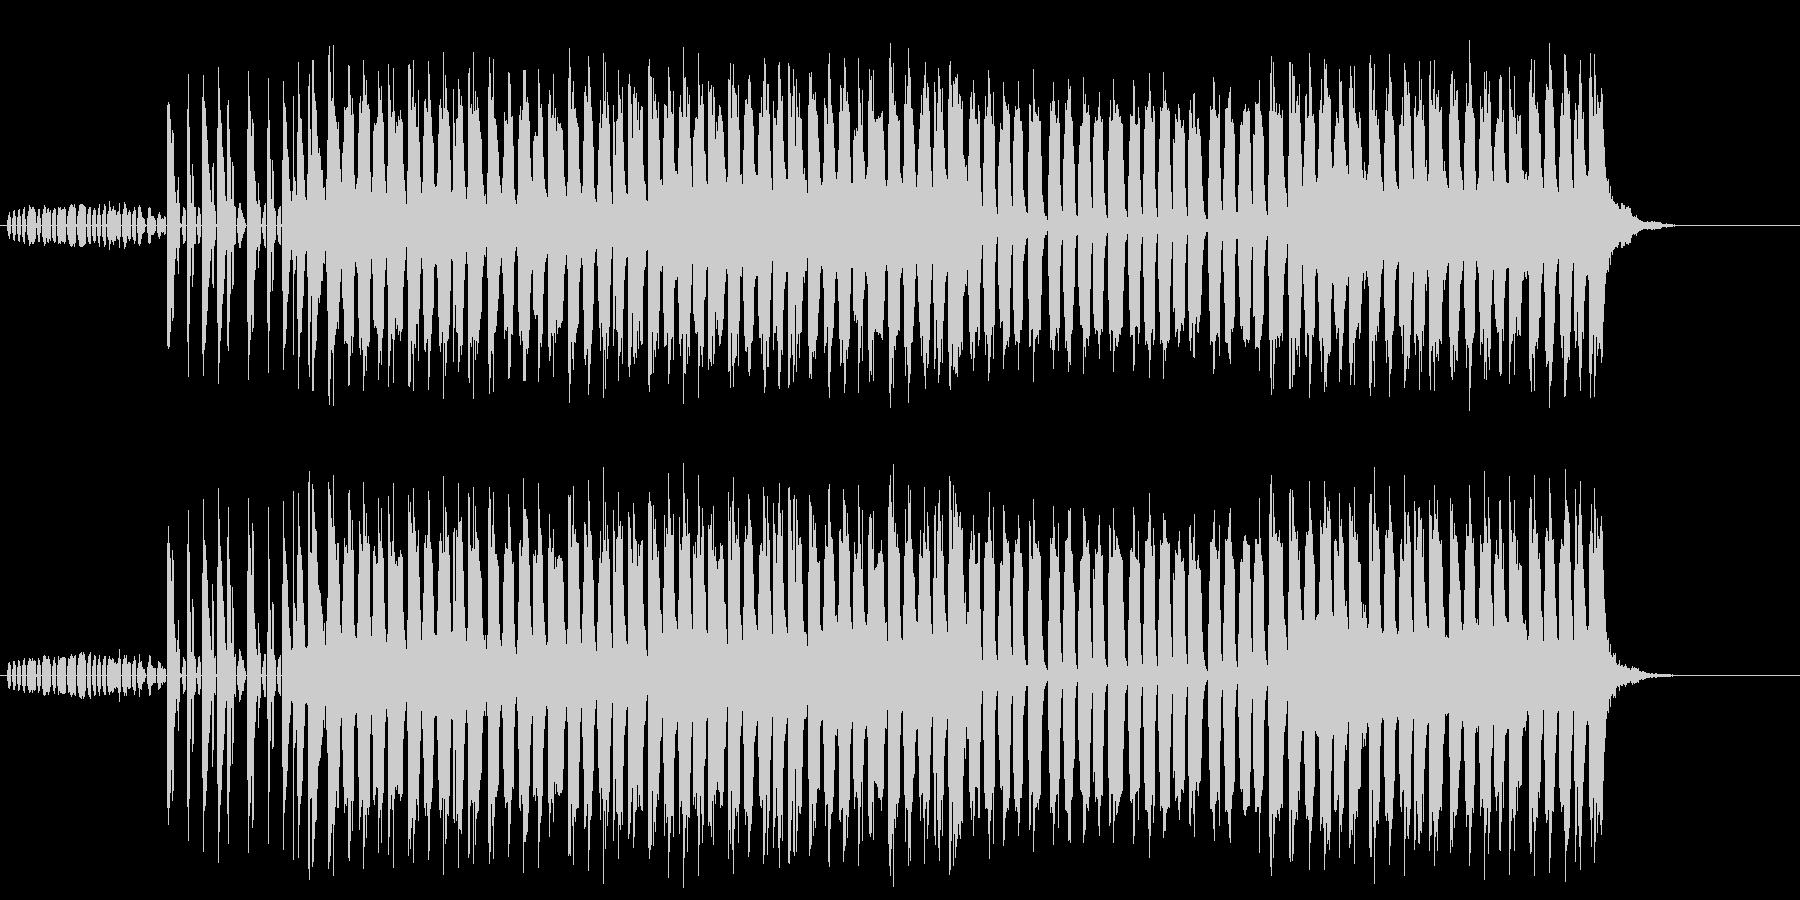 あやしい 謎 不安 緊張 サスペンスの未再生の波形